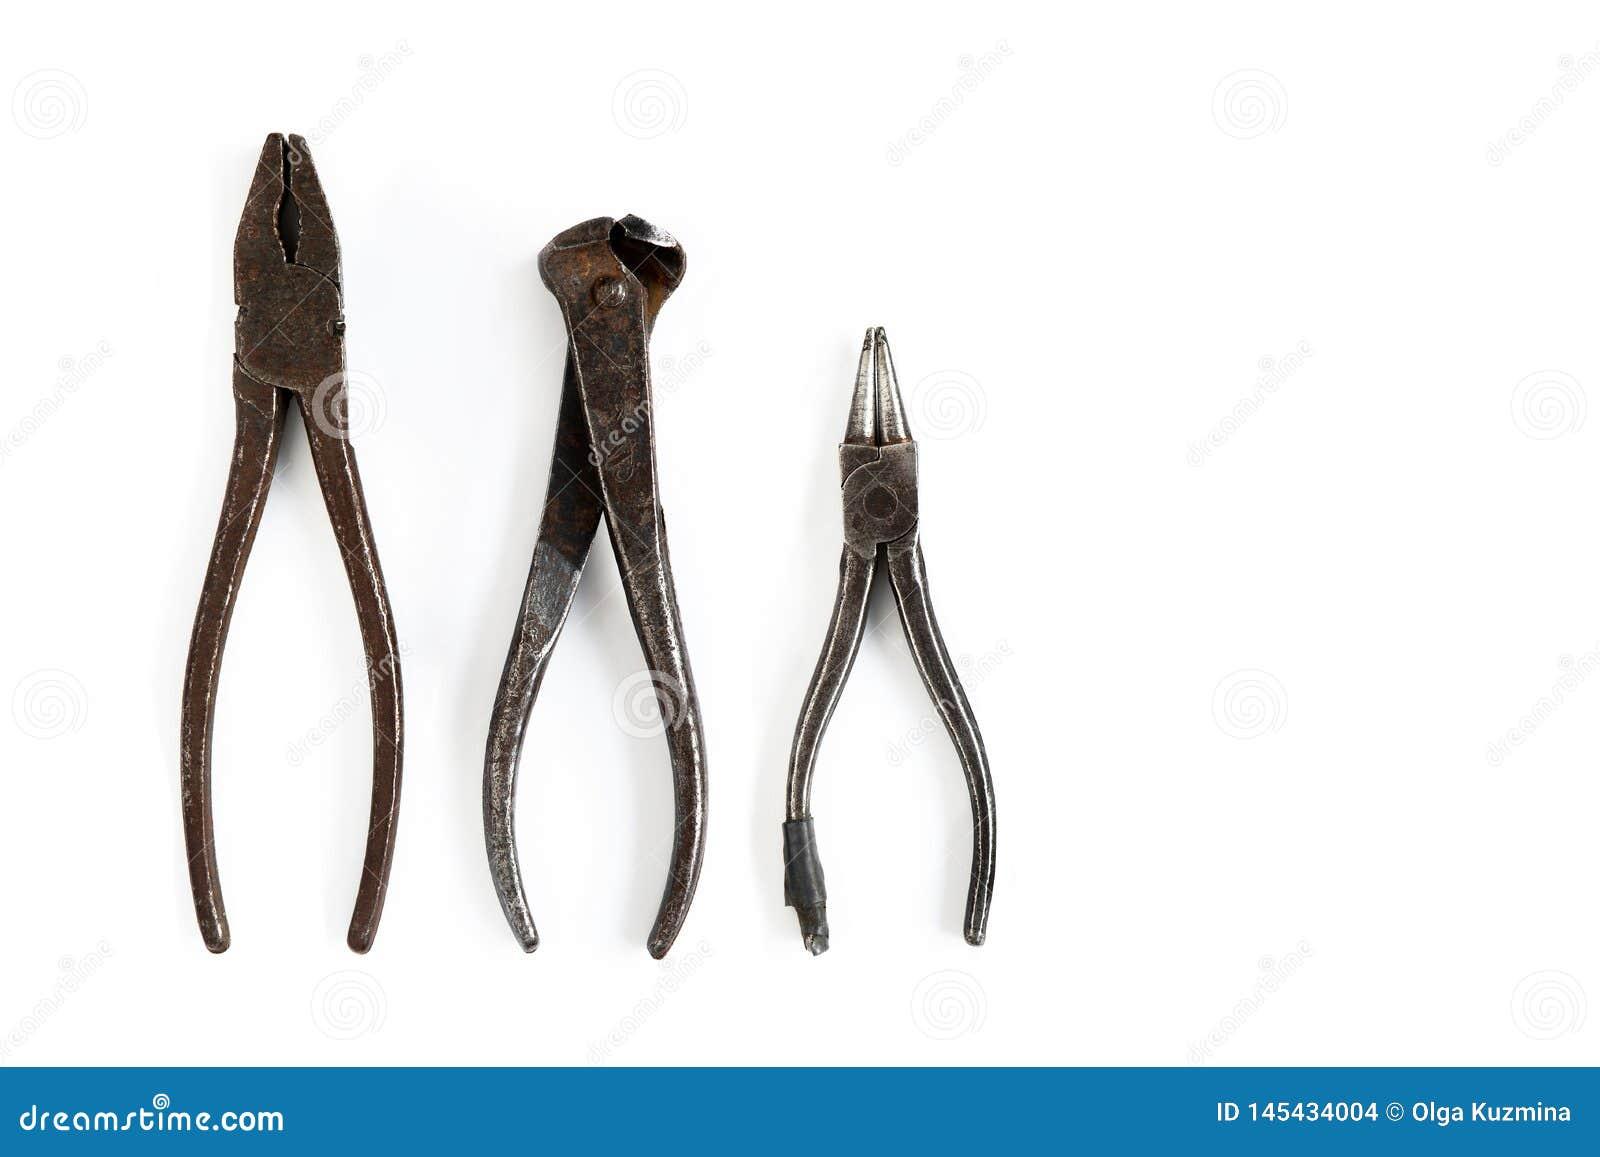 Las herramientas viejas mienten en un fondo aislado blanco Cinceles, cortaalambres, alicates, pinzas y otras herramientas